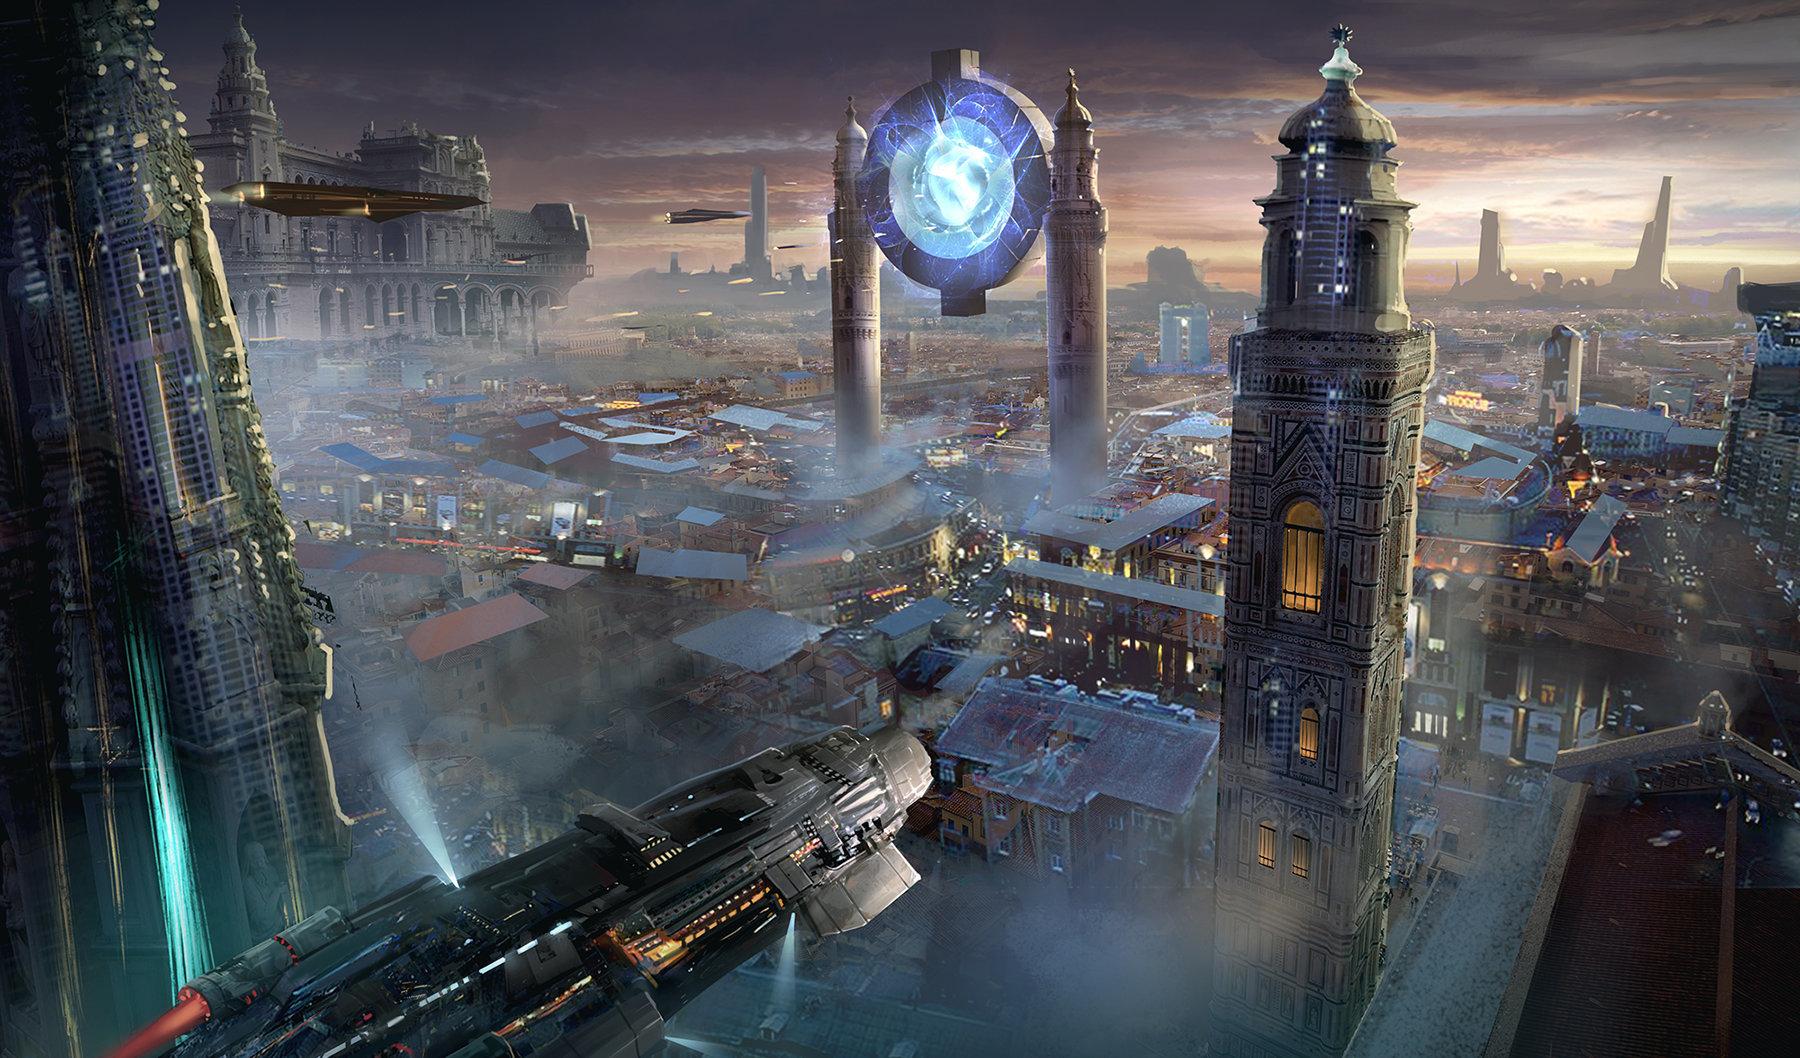 城市 游戏 背景 素材